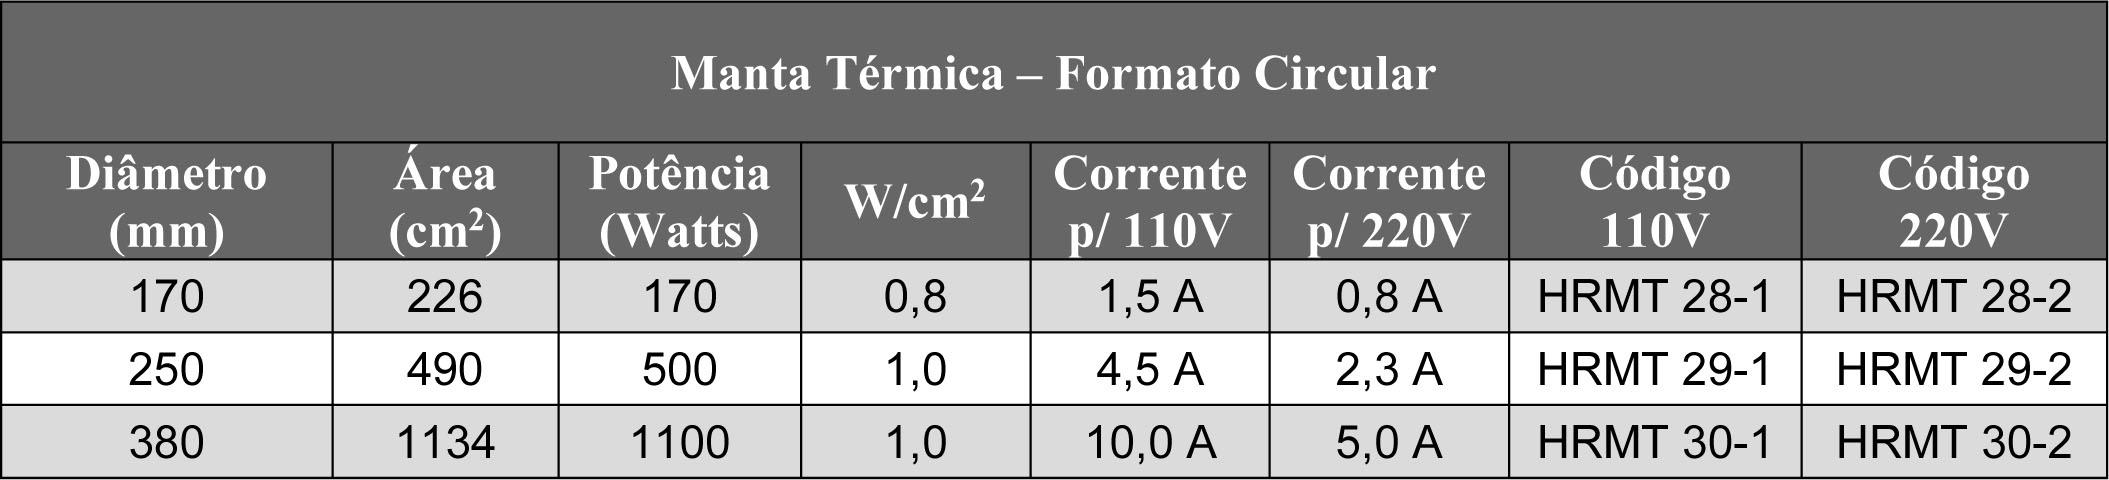 Tabela de Manta Térmica Industrial